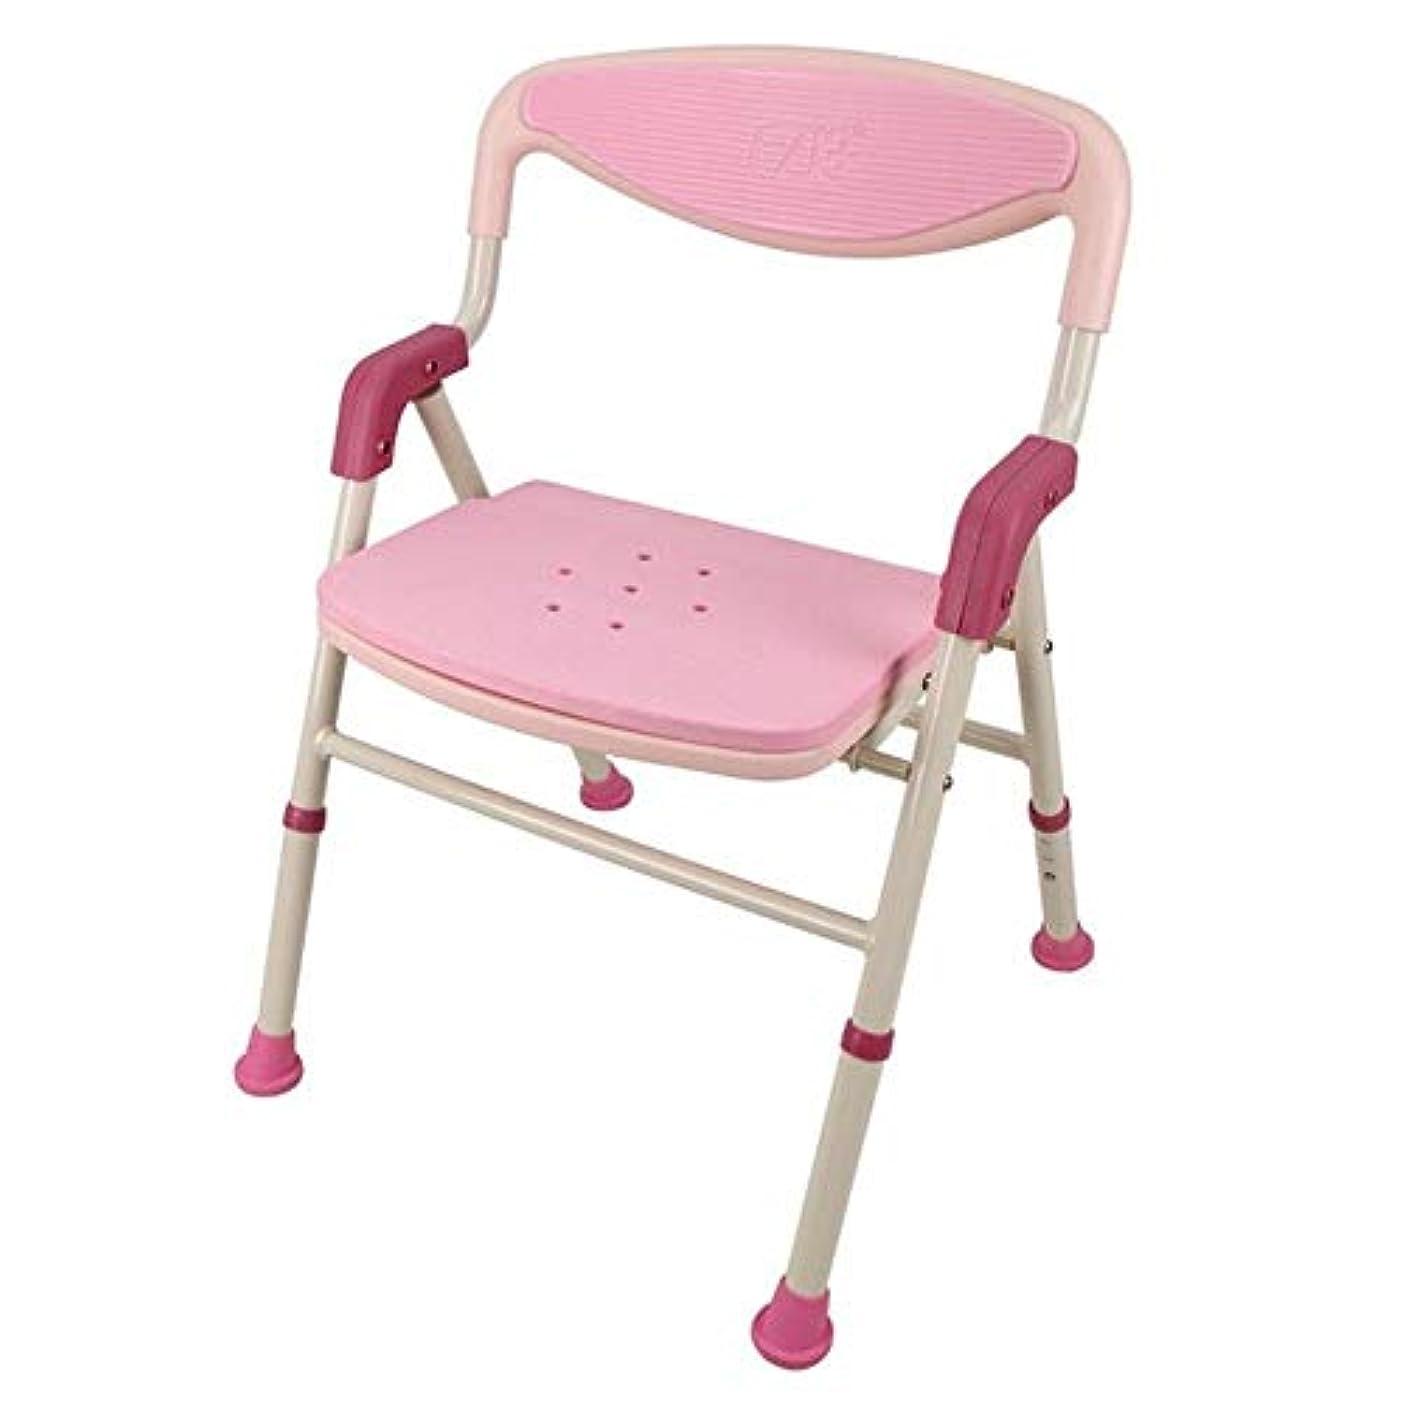 マークされたびっくりした交響曲浴室の腰掛けのアルミニウムシャワーの座席椅子の滑り止めの高さの調節可能な障害援助